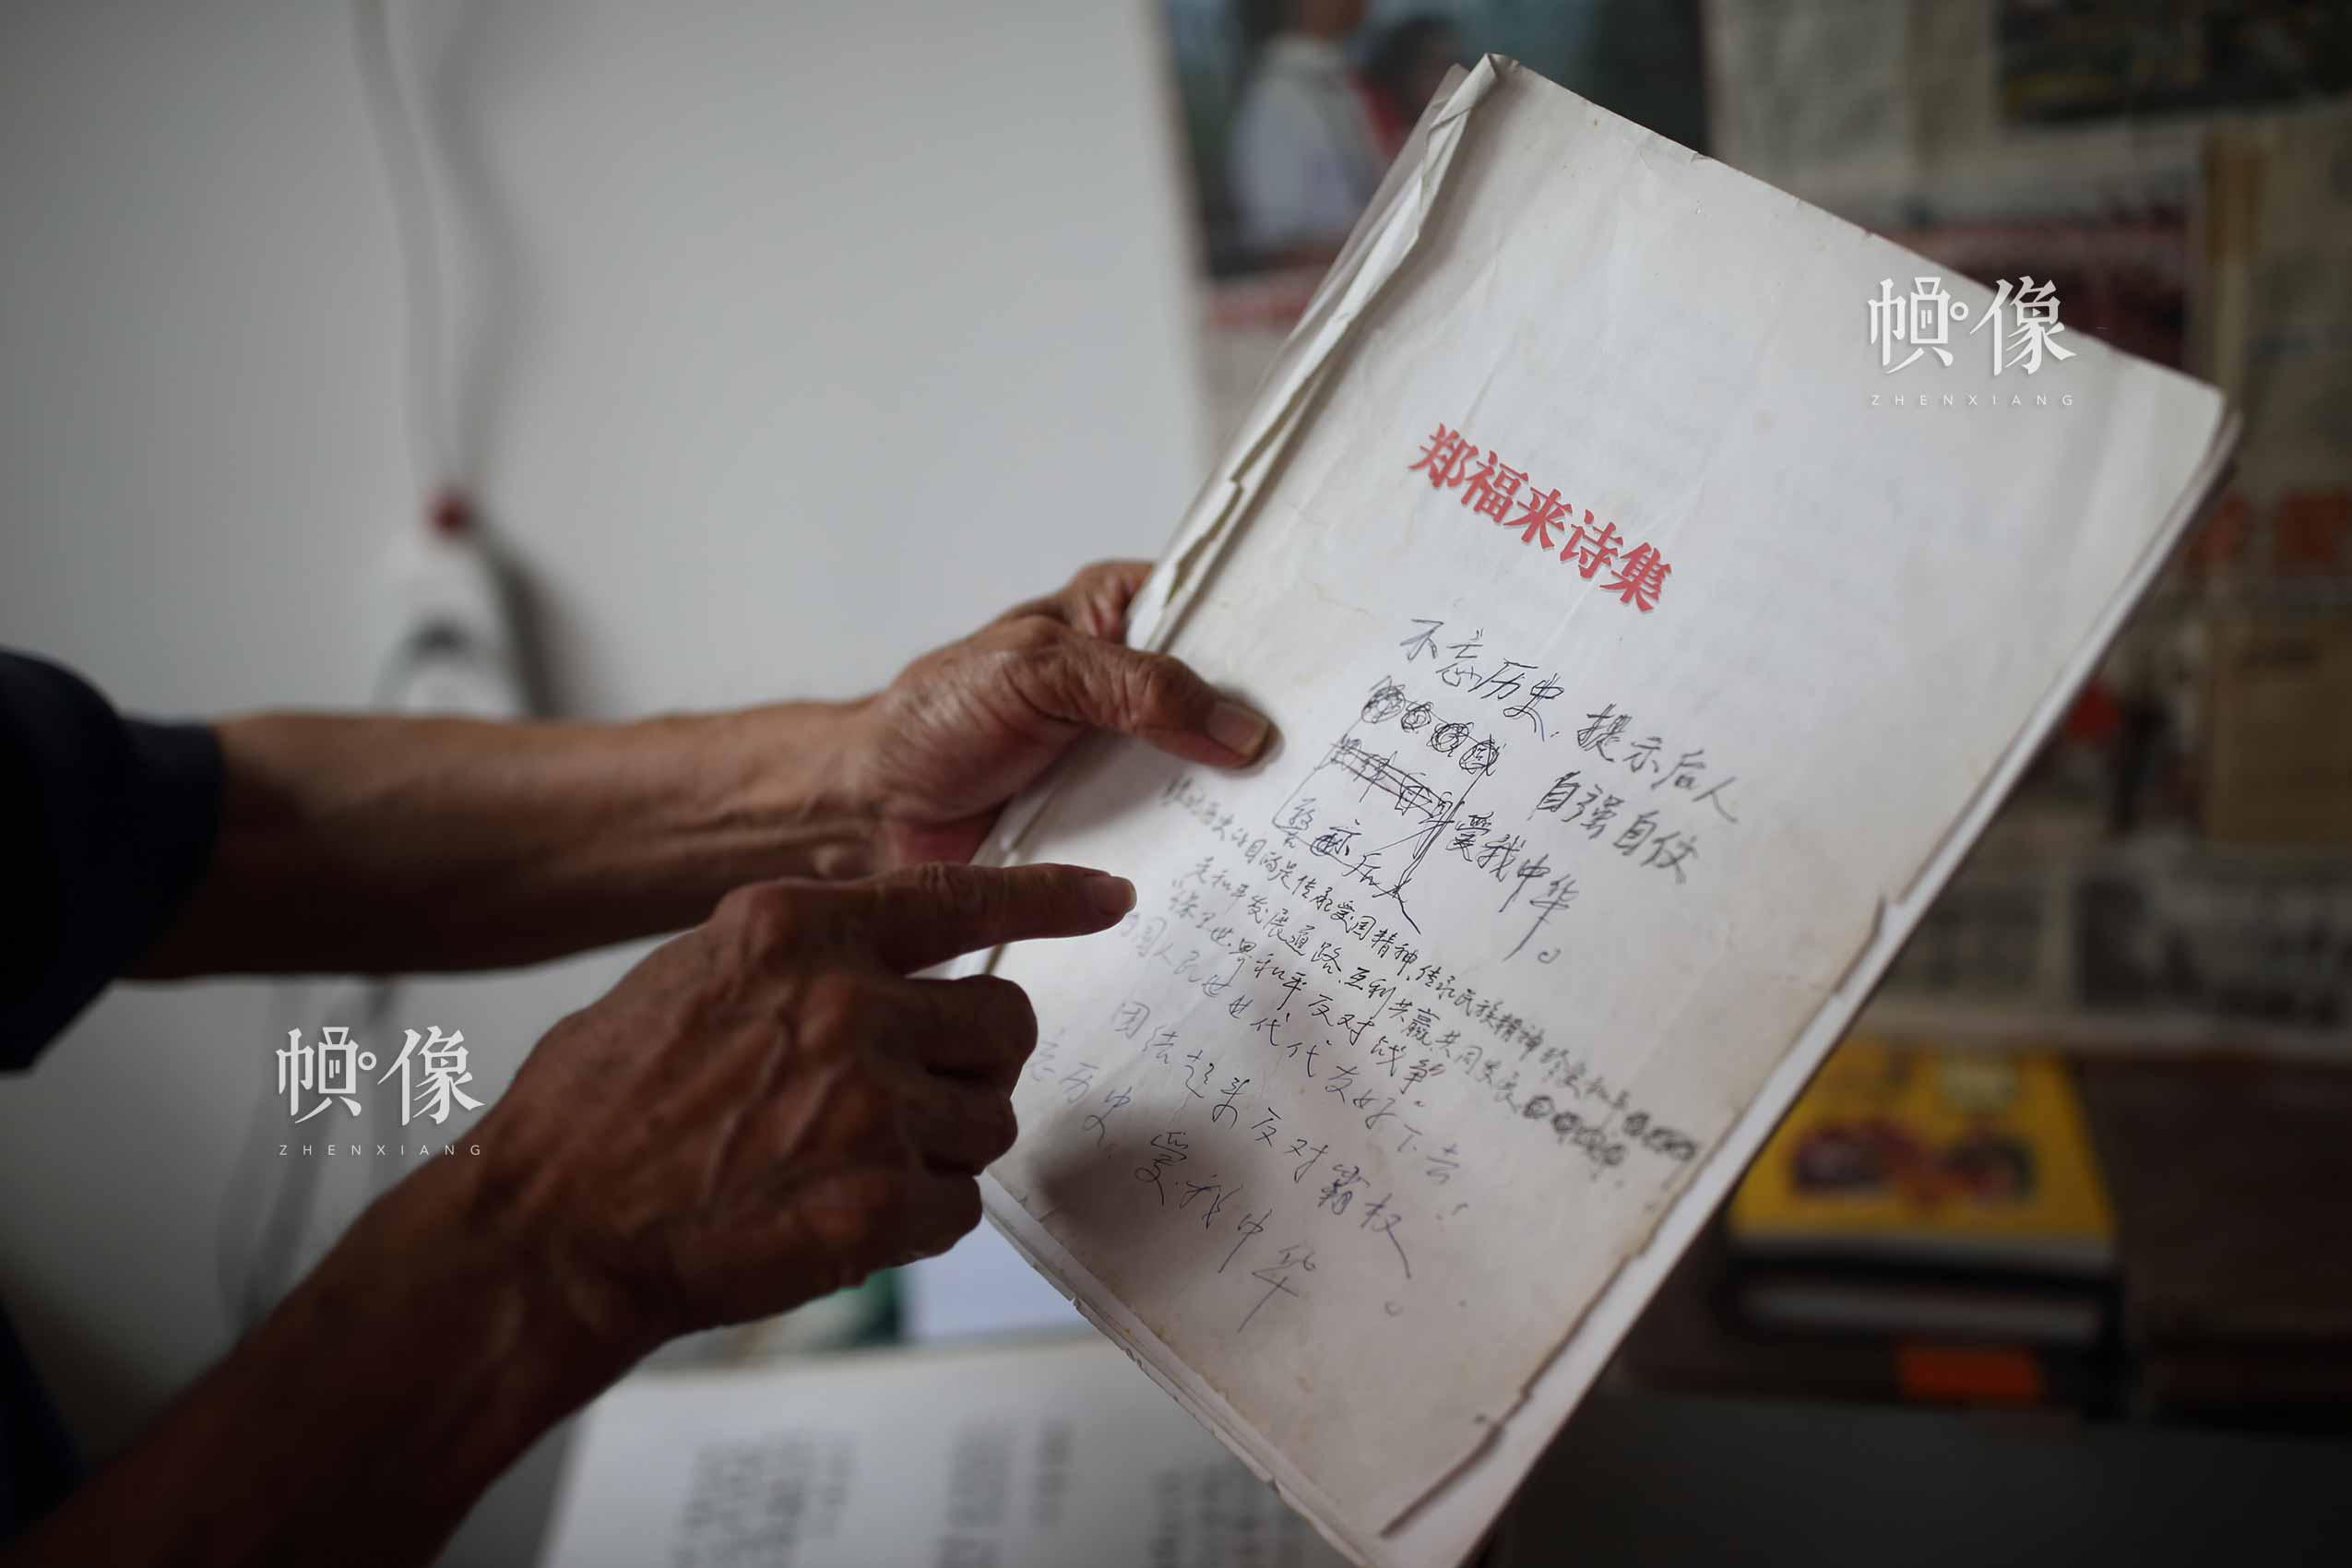 """""""大桥七七遭劫难,亡国之苦倍凄惨……""""从1982年《忆七七》起,郑福来开始写诗留存那段历史,至今这些诗集手稿堆满了他的书桌。中国网记者 陈维松 摄"""